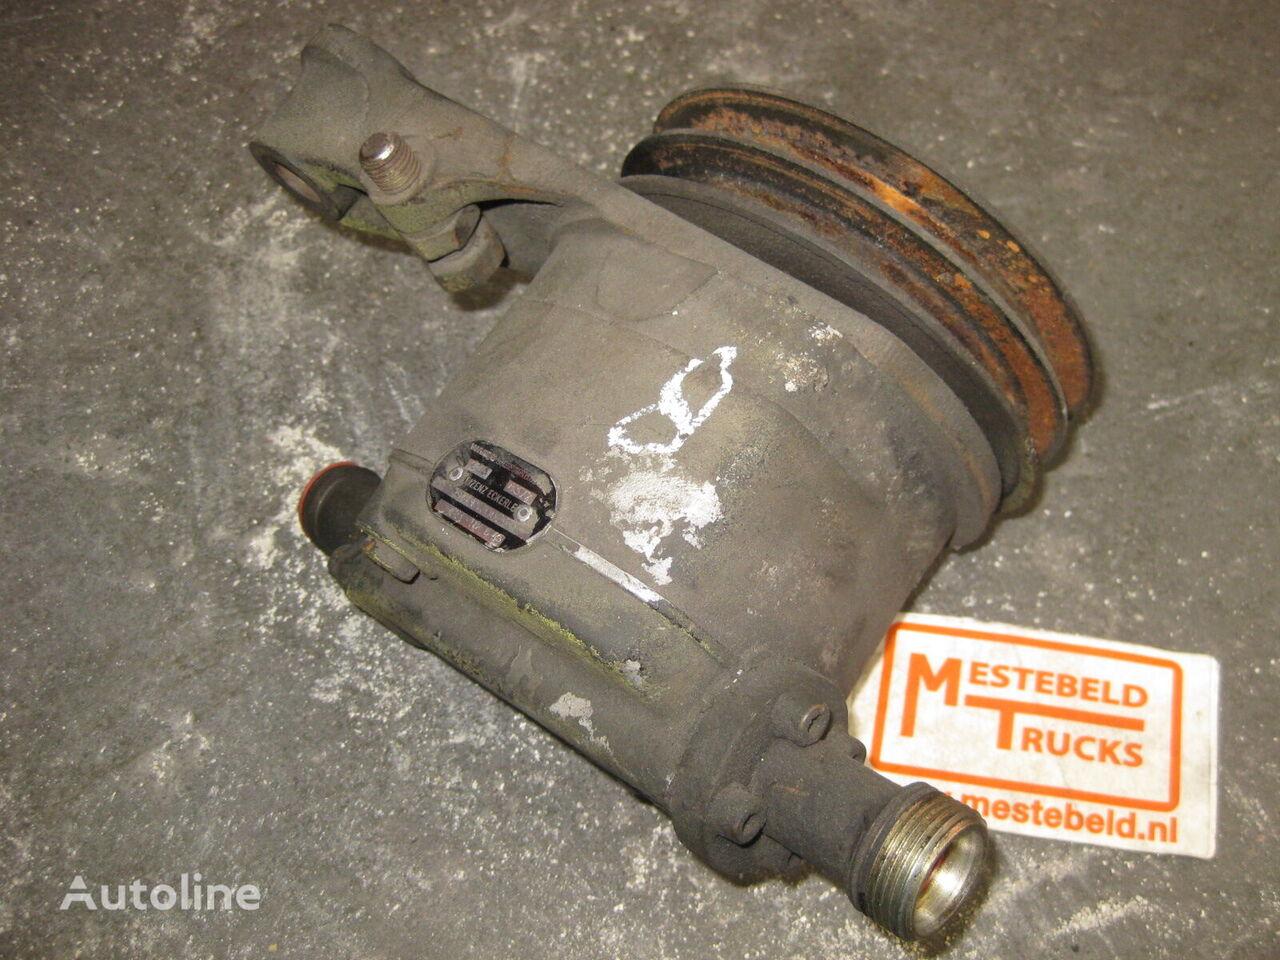 MERCEDES-BENZ airconditioner compressor voor MERCEDES-BENZ JPM 16 645 vrachtwagen